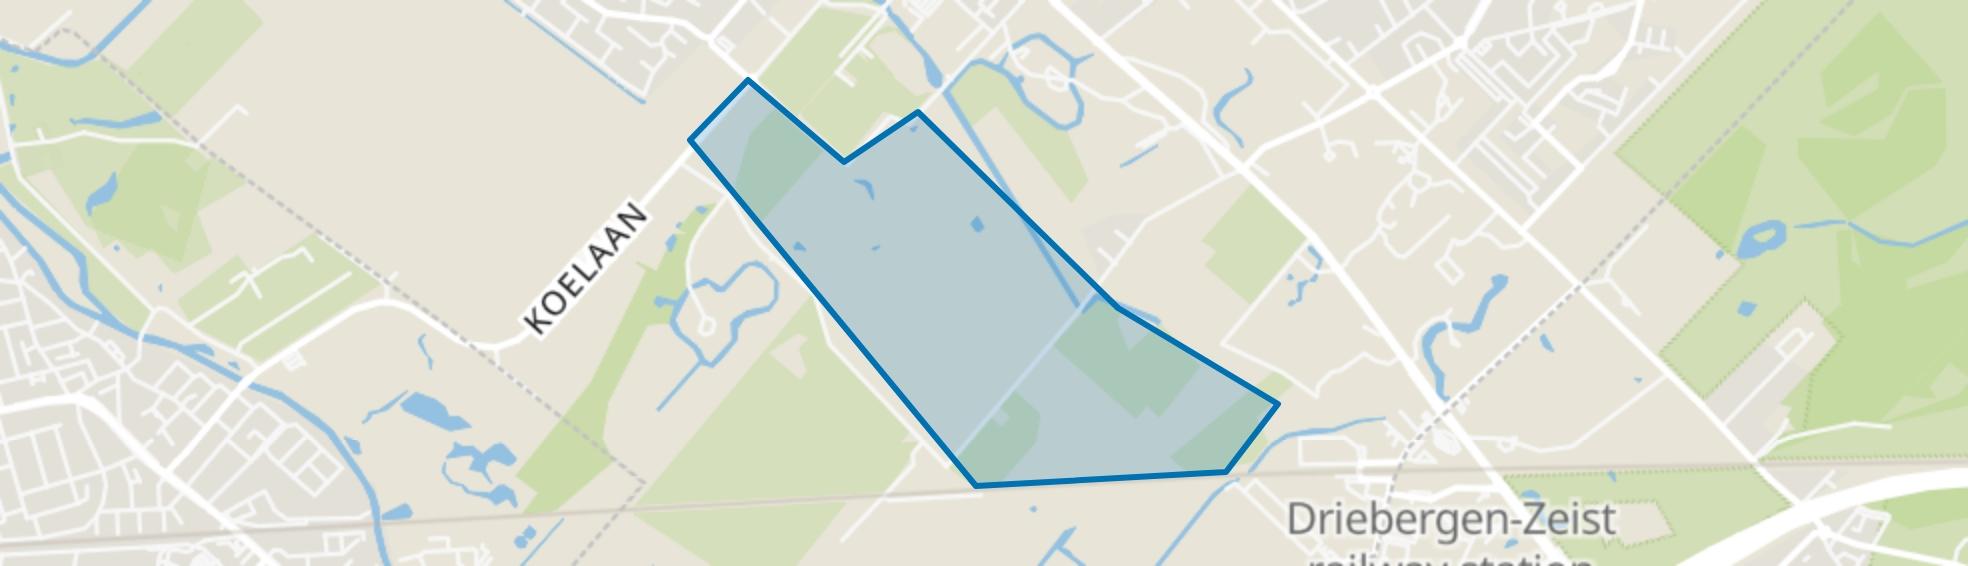 Blikkenburg e.o., Zeist map